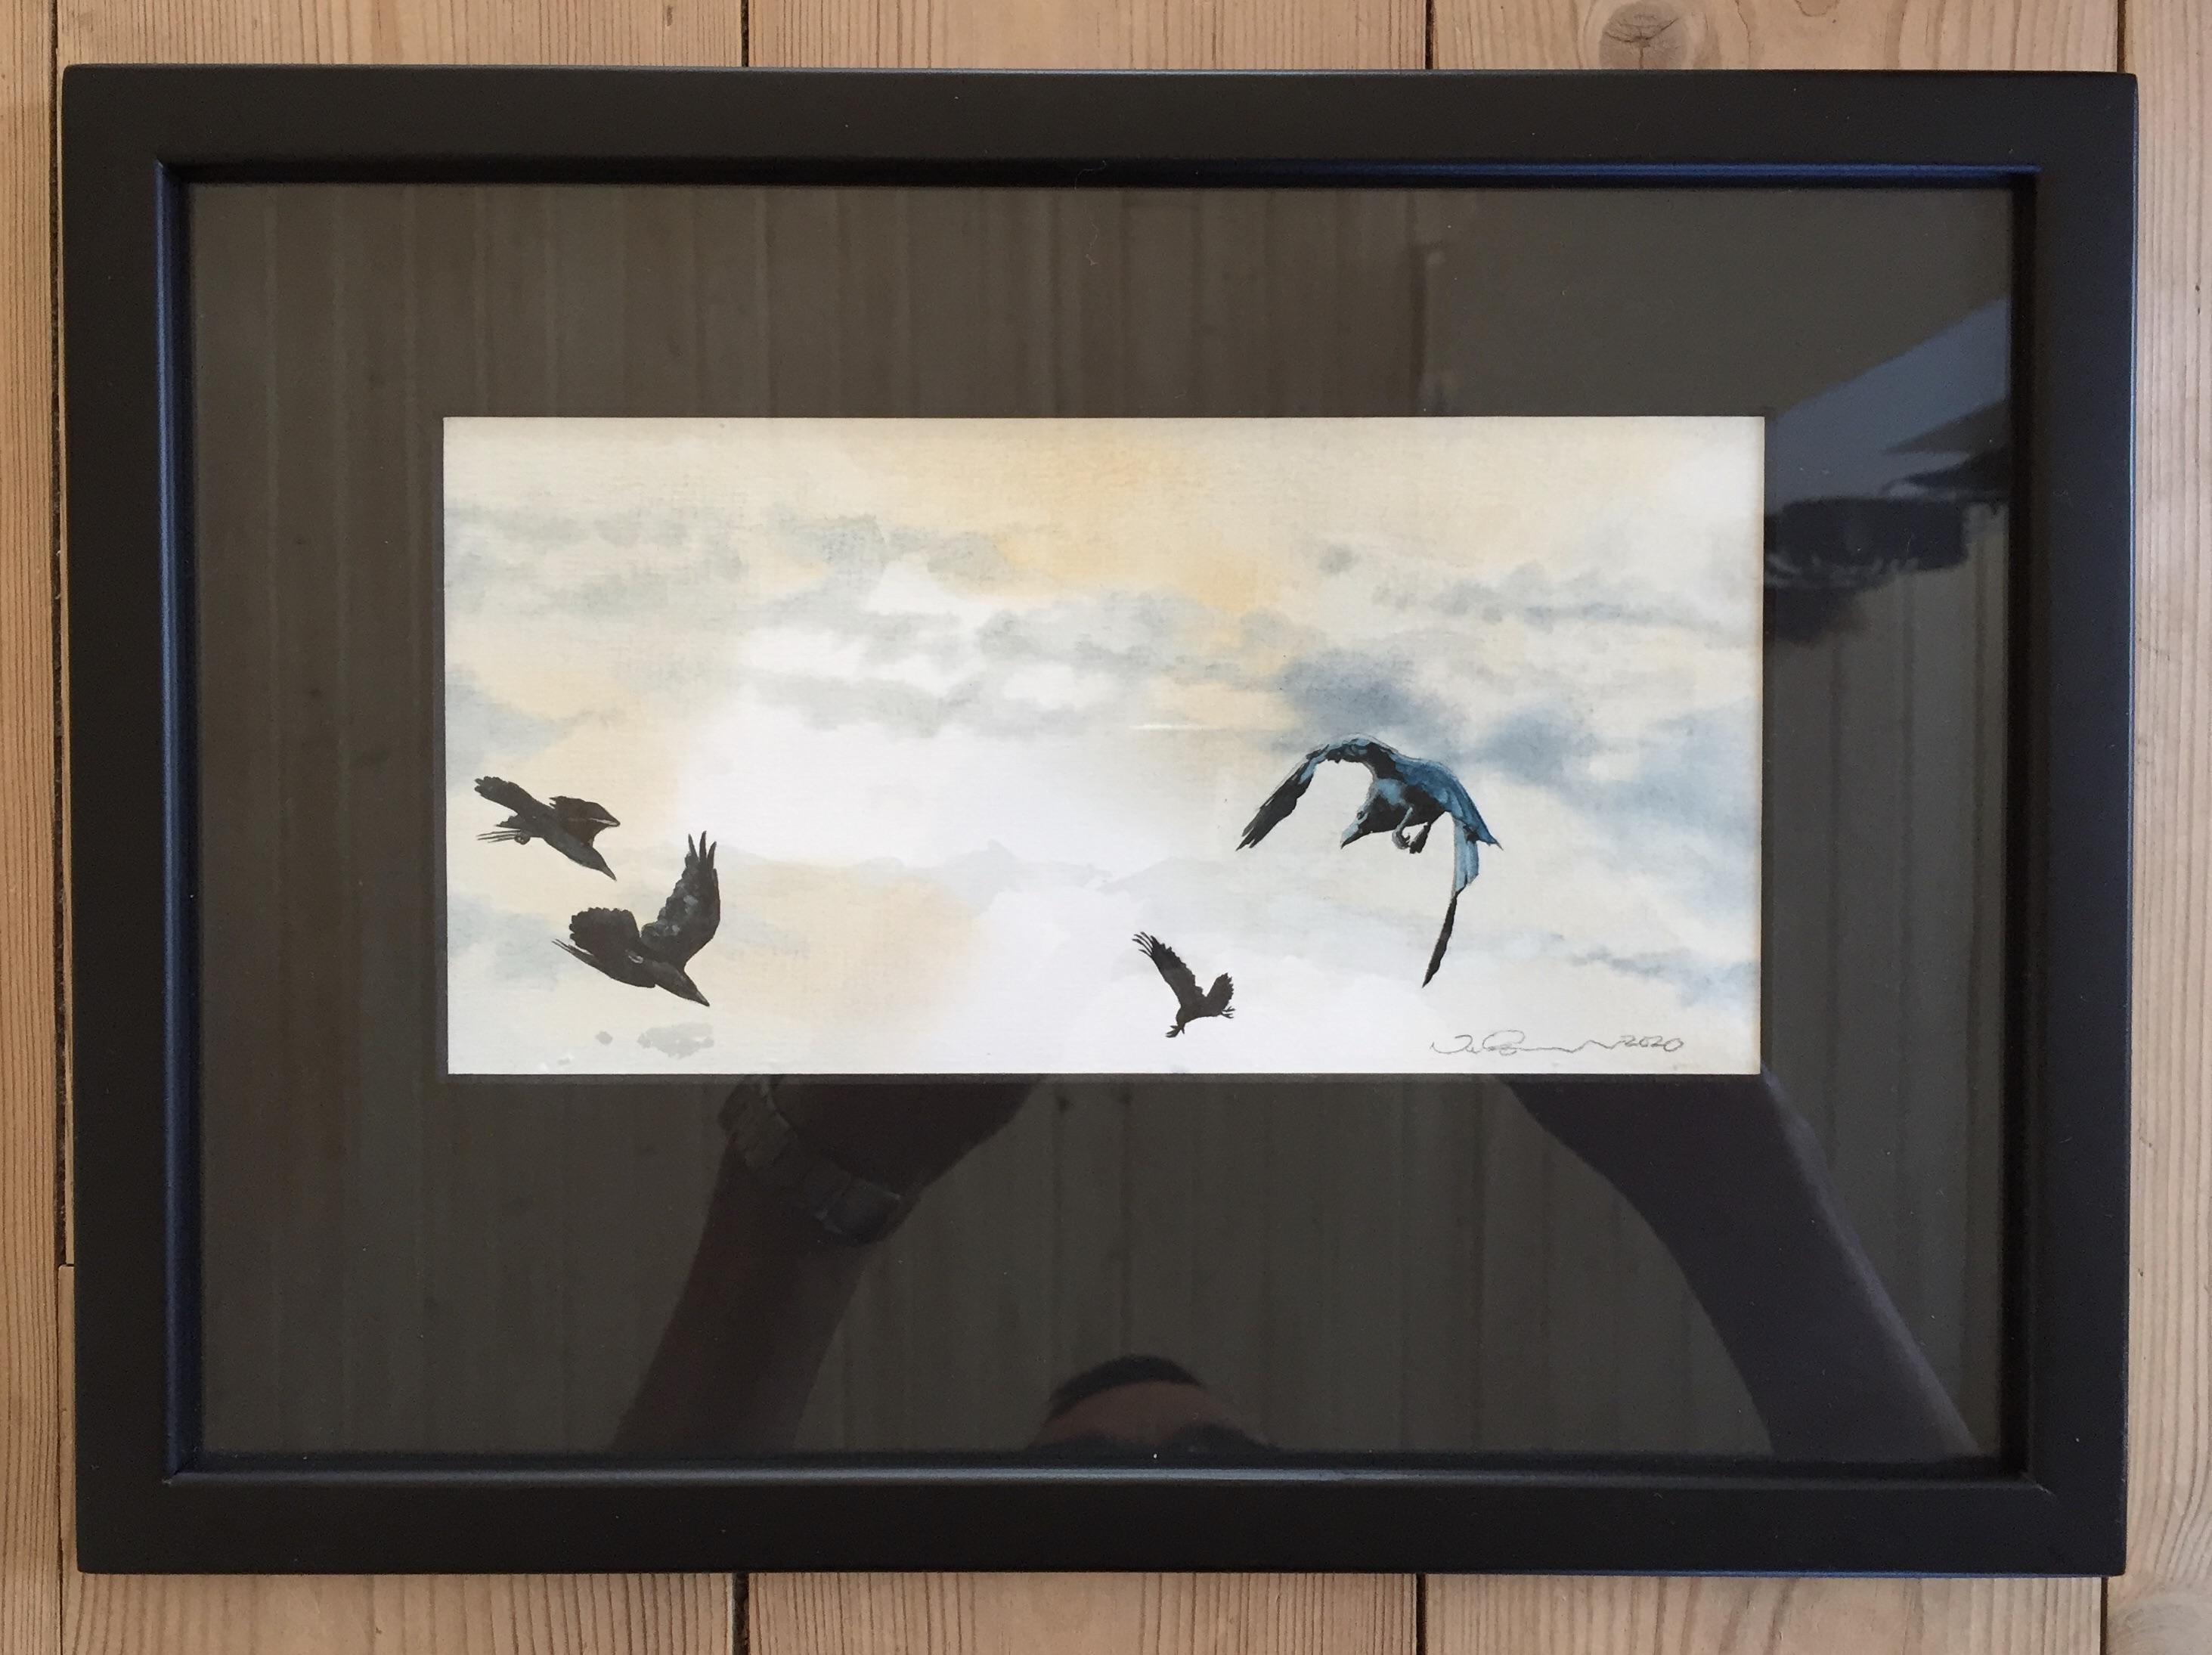 Ravens 1 - SOLD